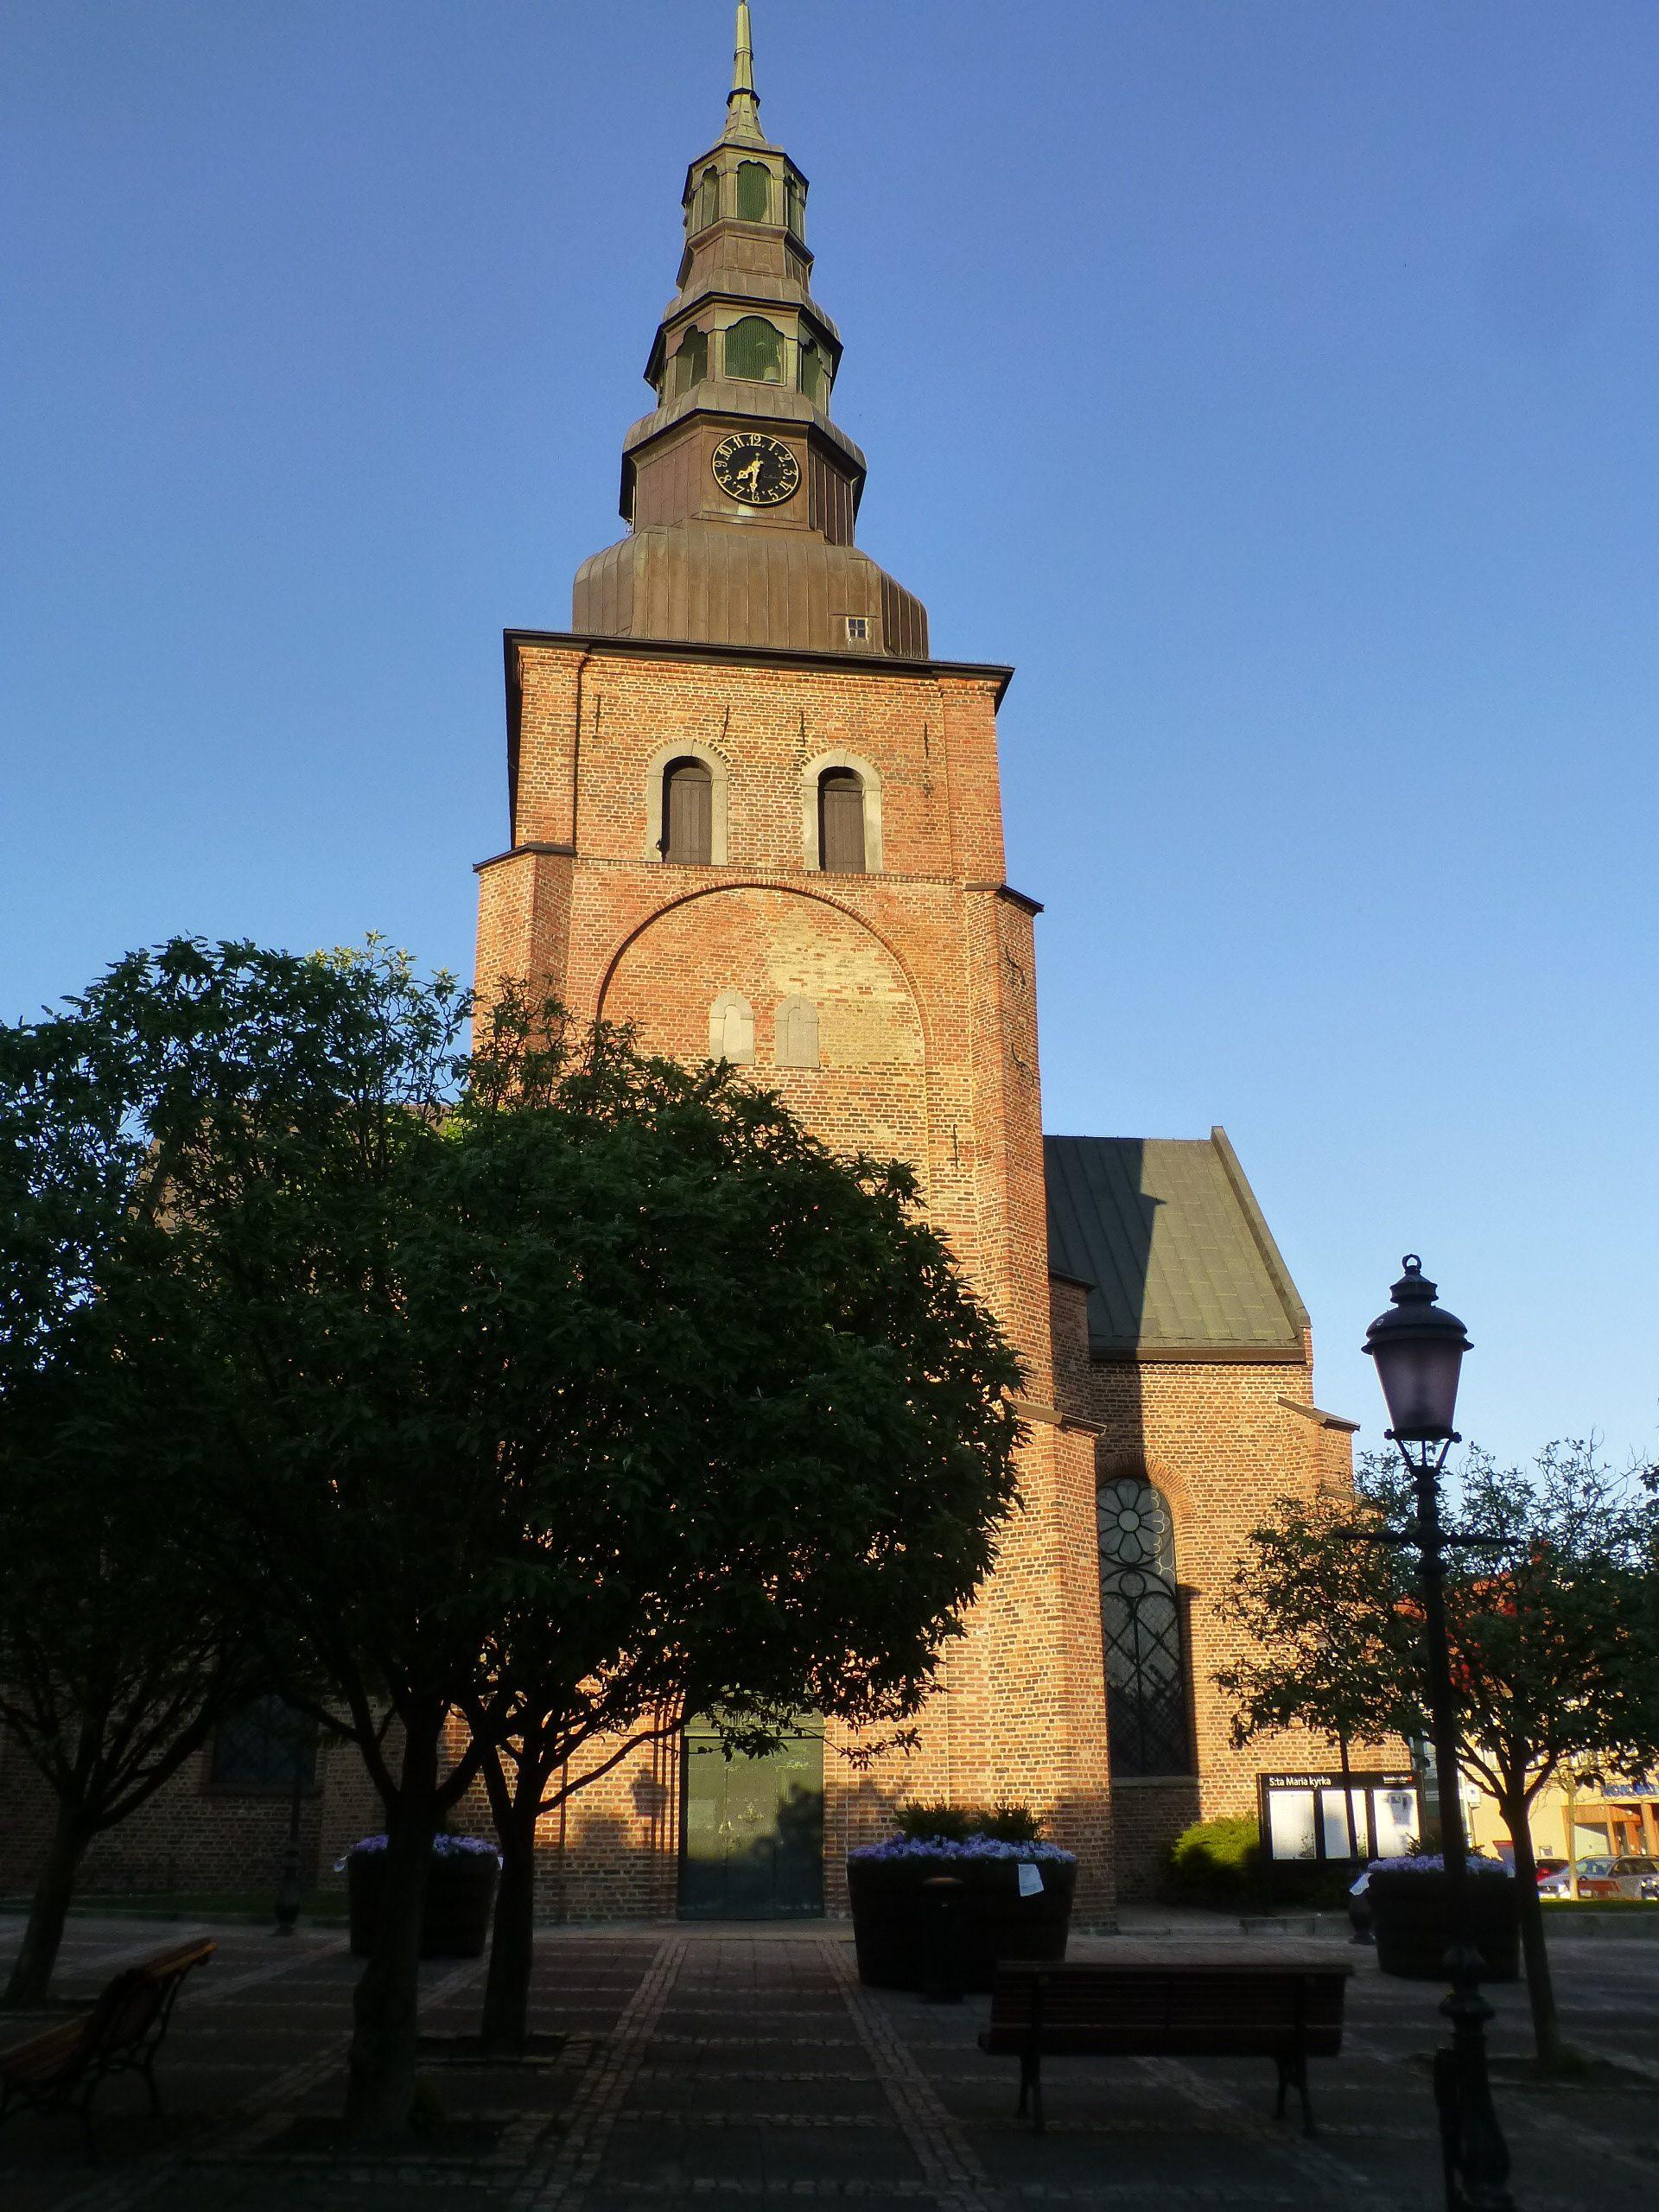 Kirche in Ystad